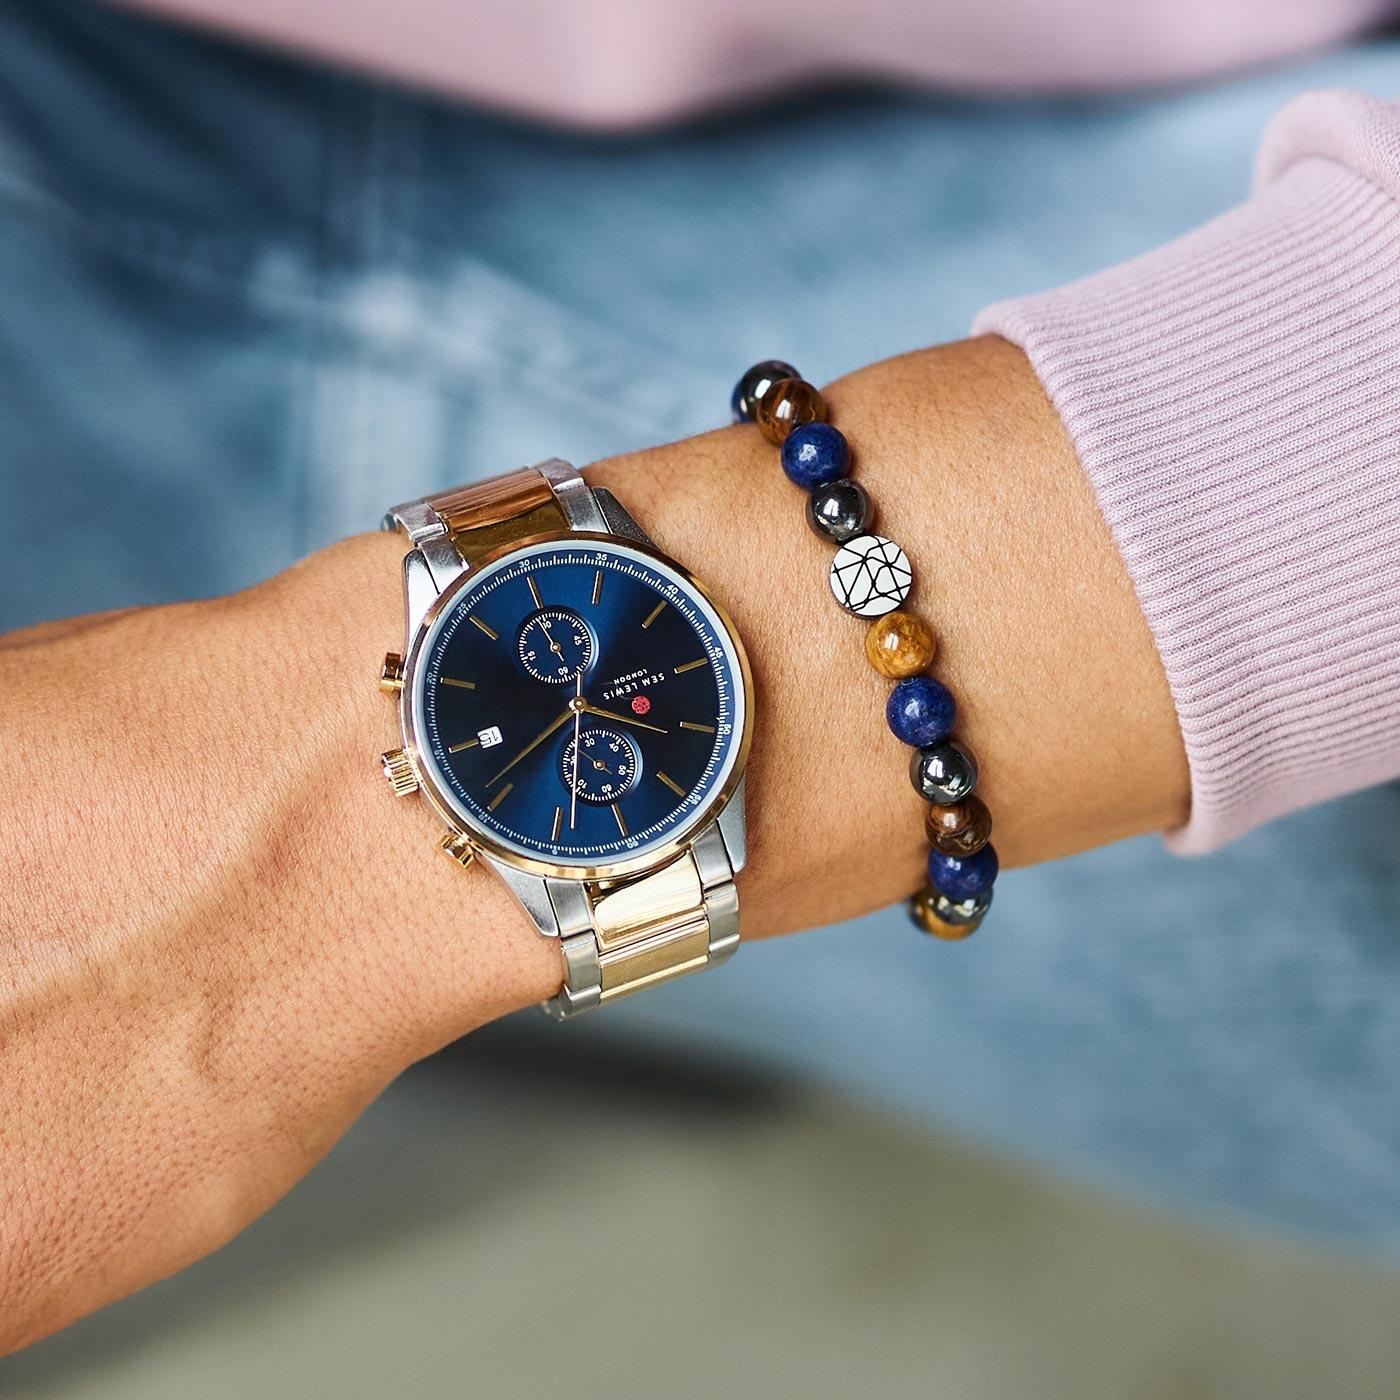 Sem Lewis Piccadilly South Kensington pärlstav armband flerfärgad